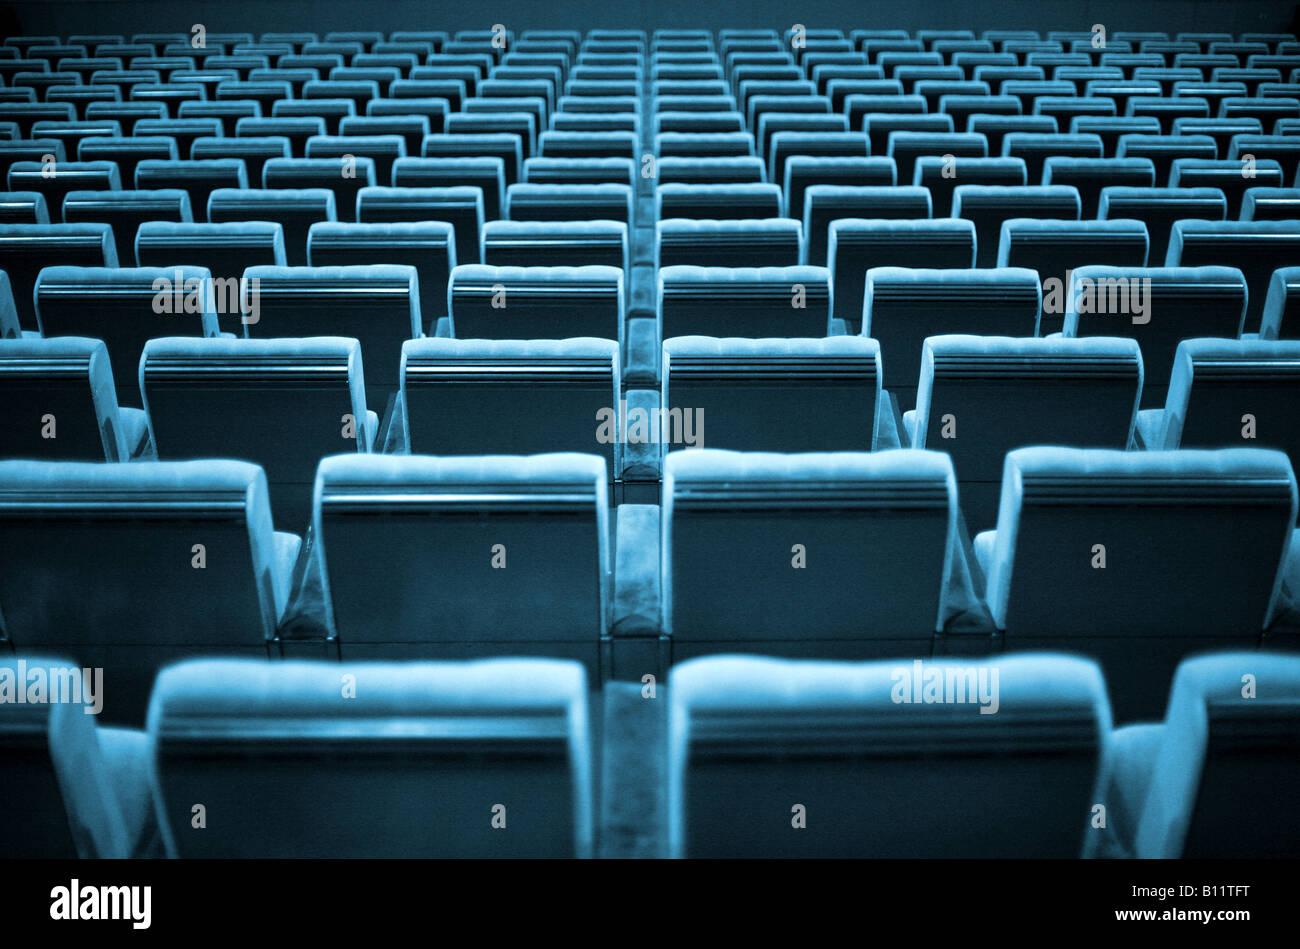 Sedie vuote al cinema o teatro. Le tonalità blu. Immagini Stock